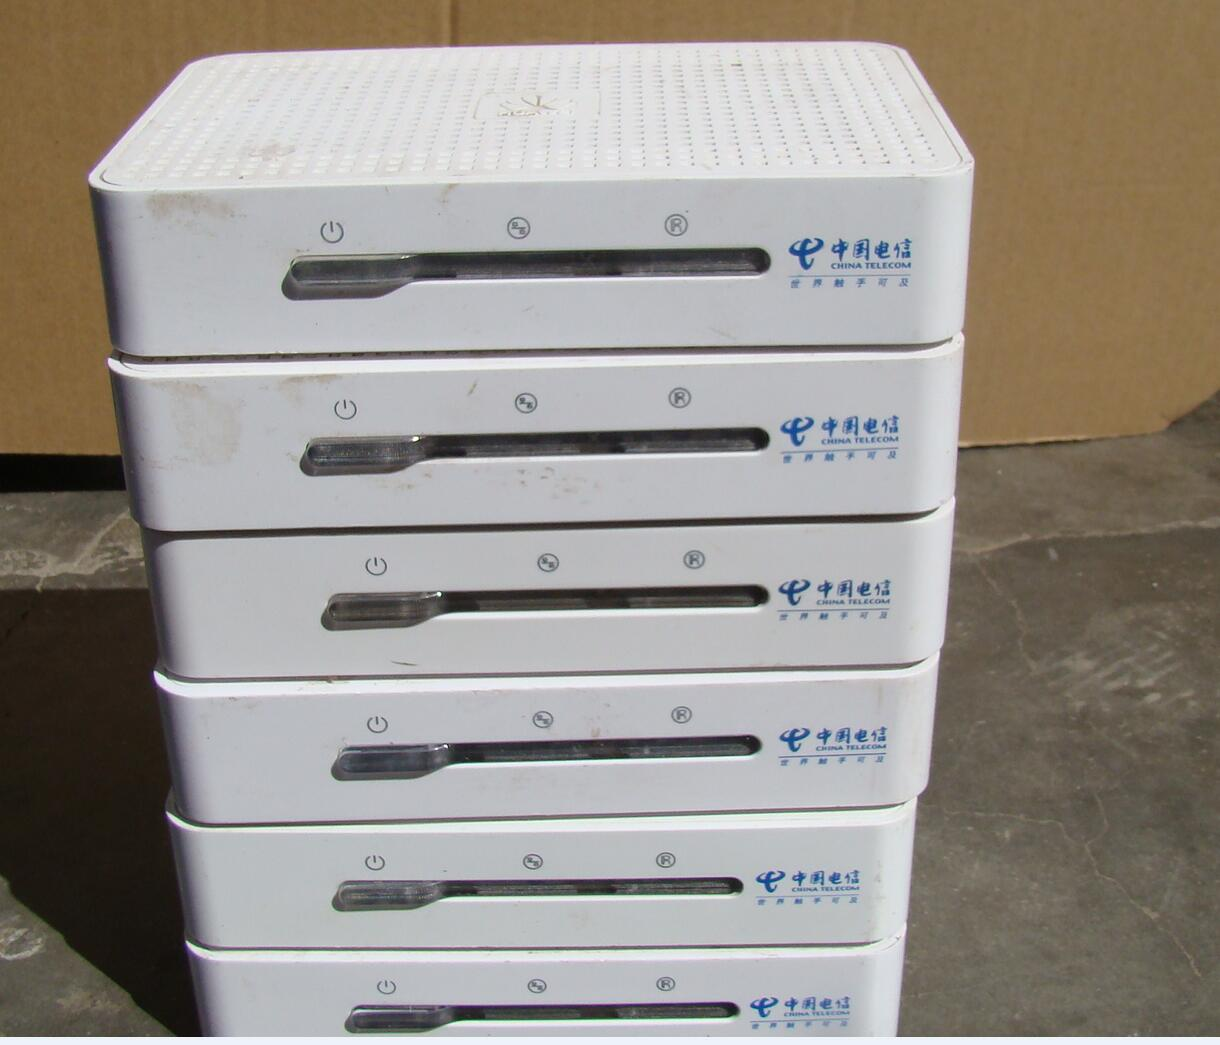 华为ec1308网络机顶盒